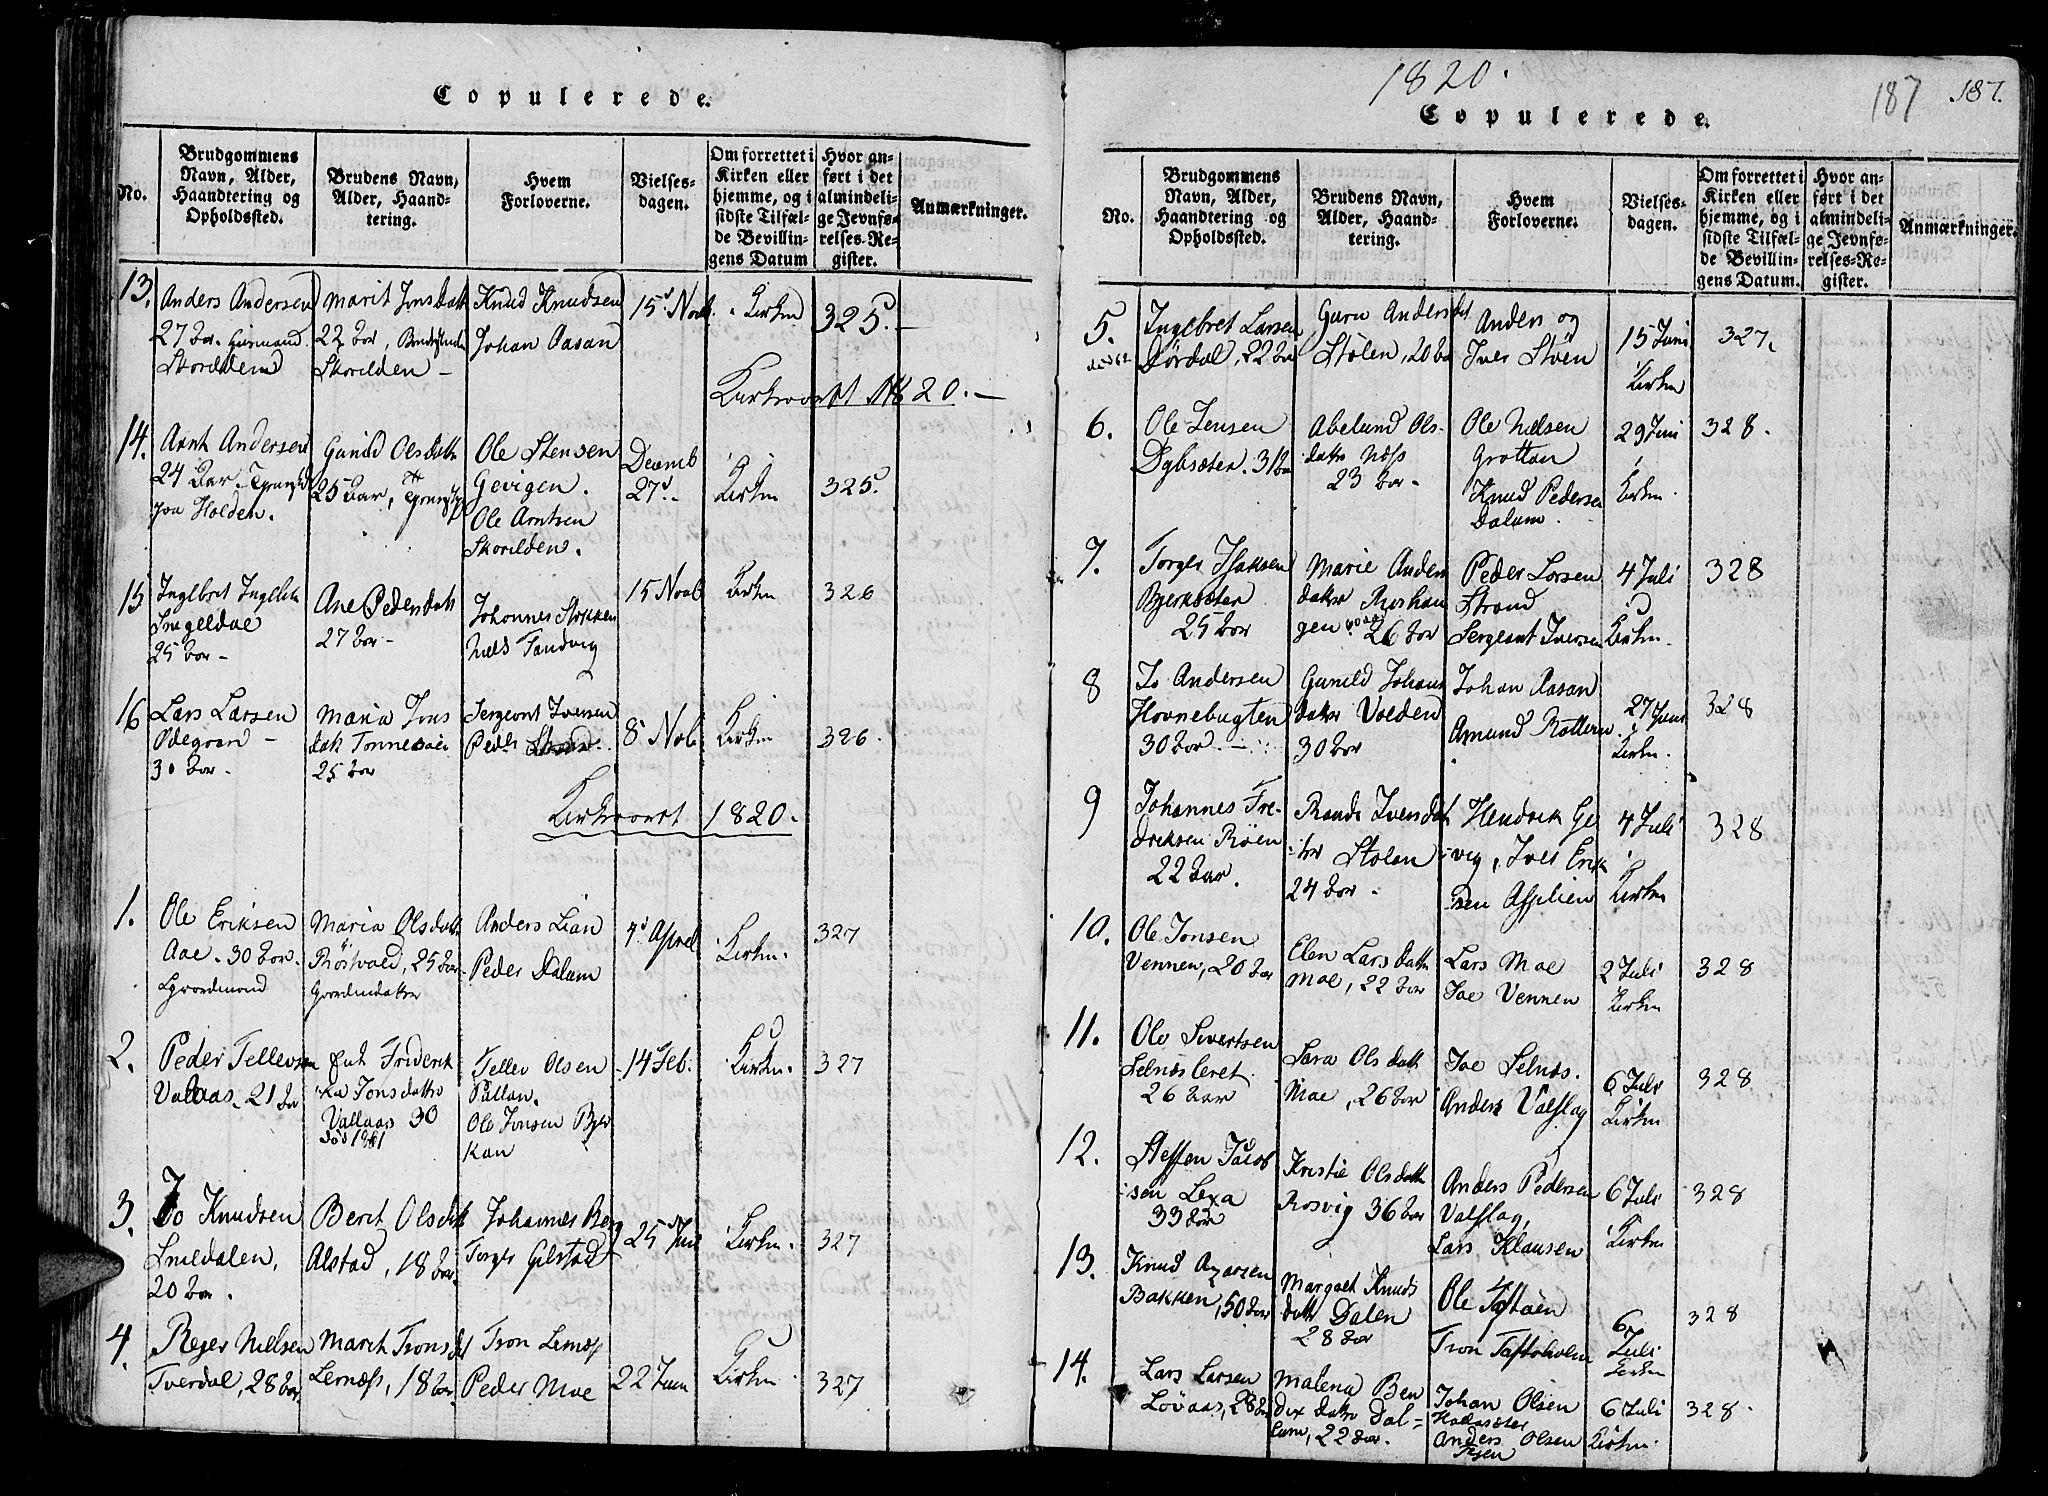 SAT, Ministerialprotokoller, klokkerbøker og fødselsregistre - Sør-Trøndelag, 630/L0491: Ministerialbok nr. 630A04, 1818-1830, s. 187